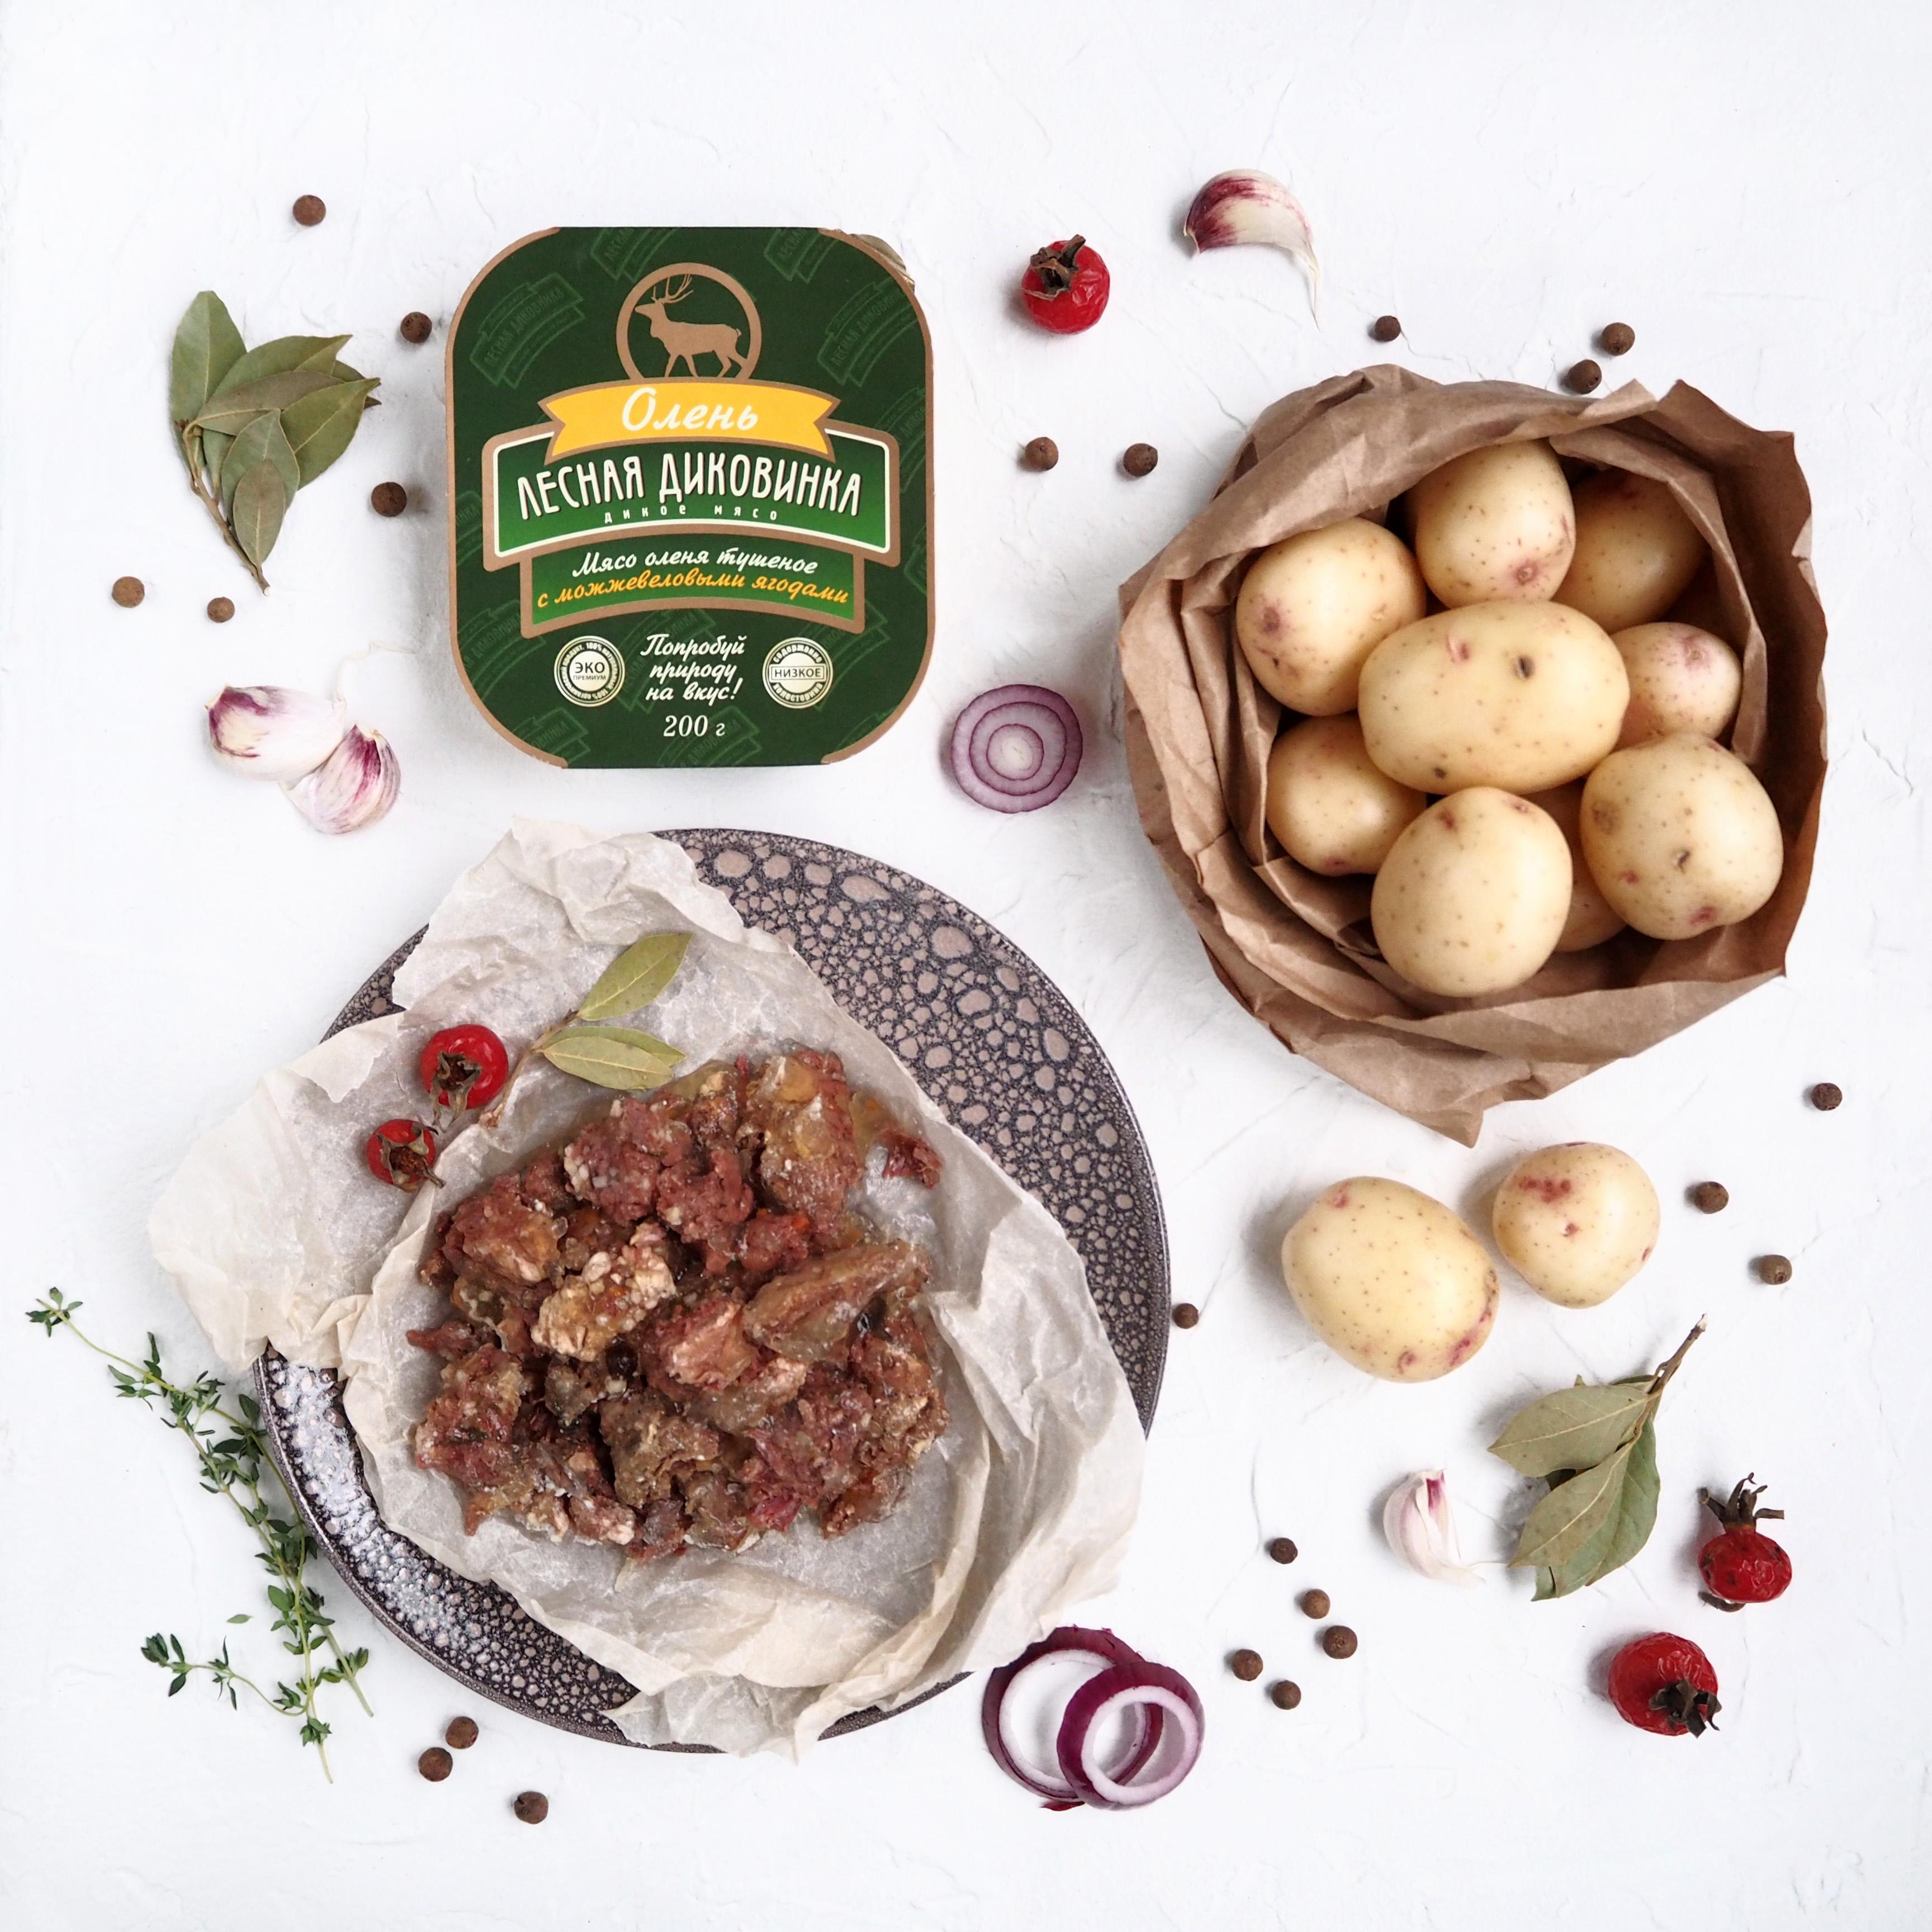 Тушёное мясо оленя с можжевеловыми ягодами (1 шт., 200 г)